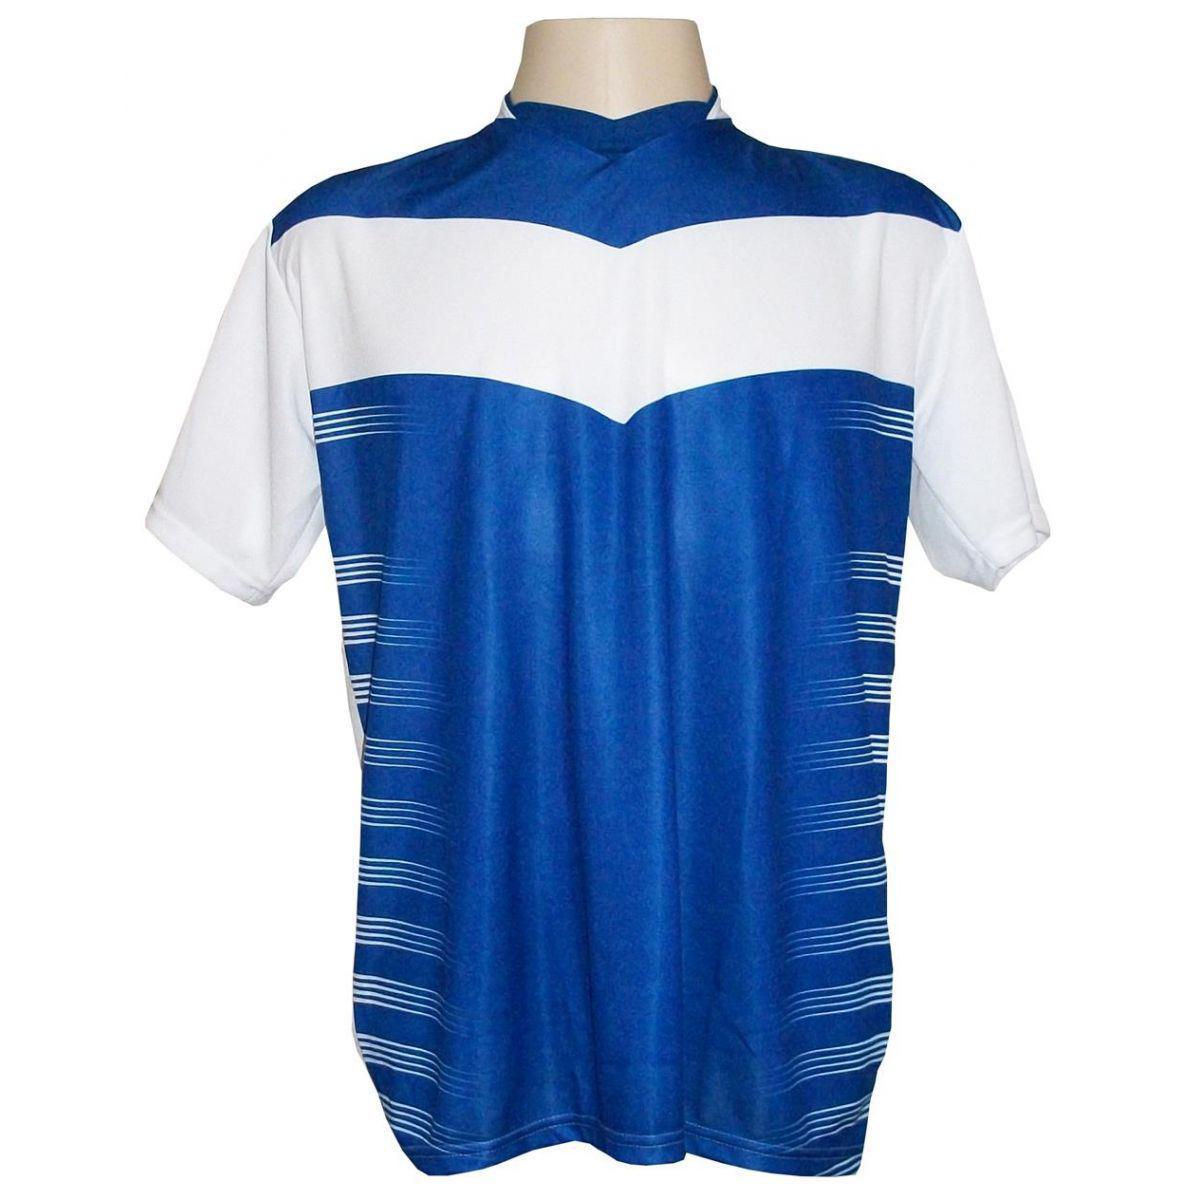 Uniforme Esportivo com 12 camisas modelo Dubai Branco Royal + 12 calções  modelo Madrid + 1 Goleiro + Brindes - Kanga sport R  569 5c1de23bcf08a